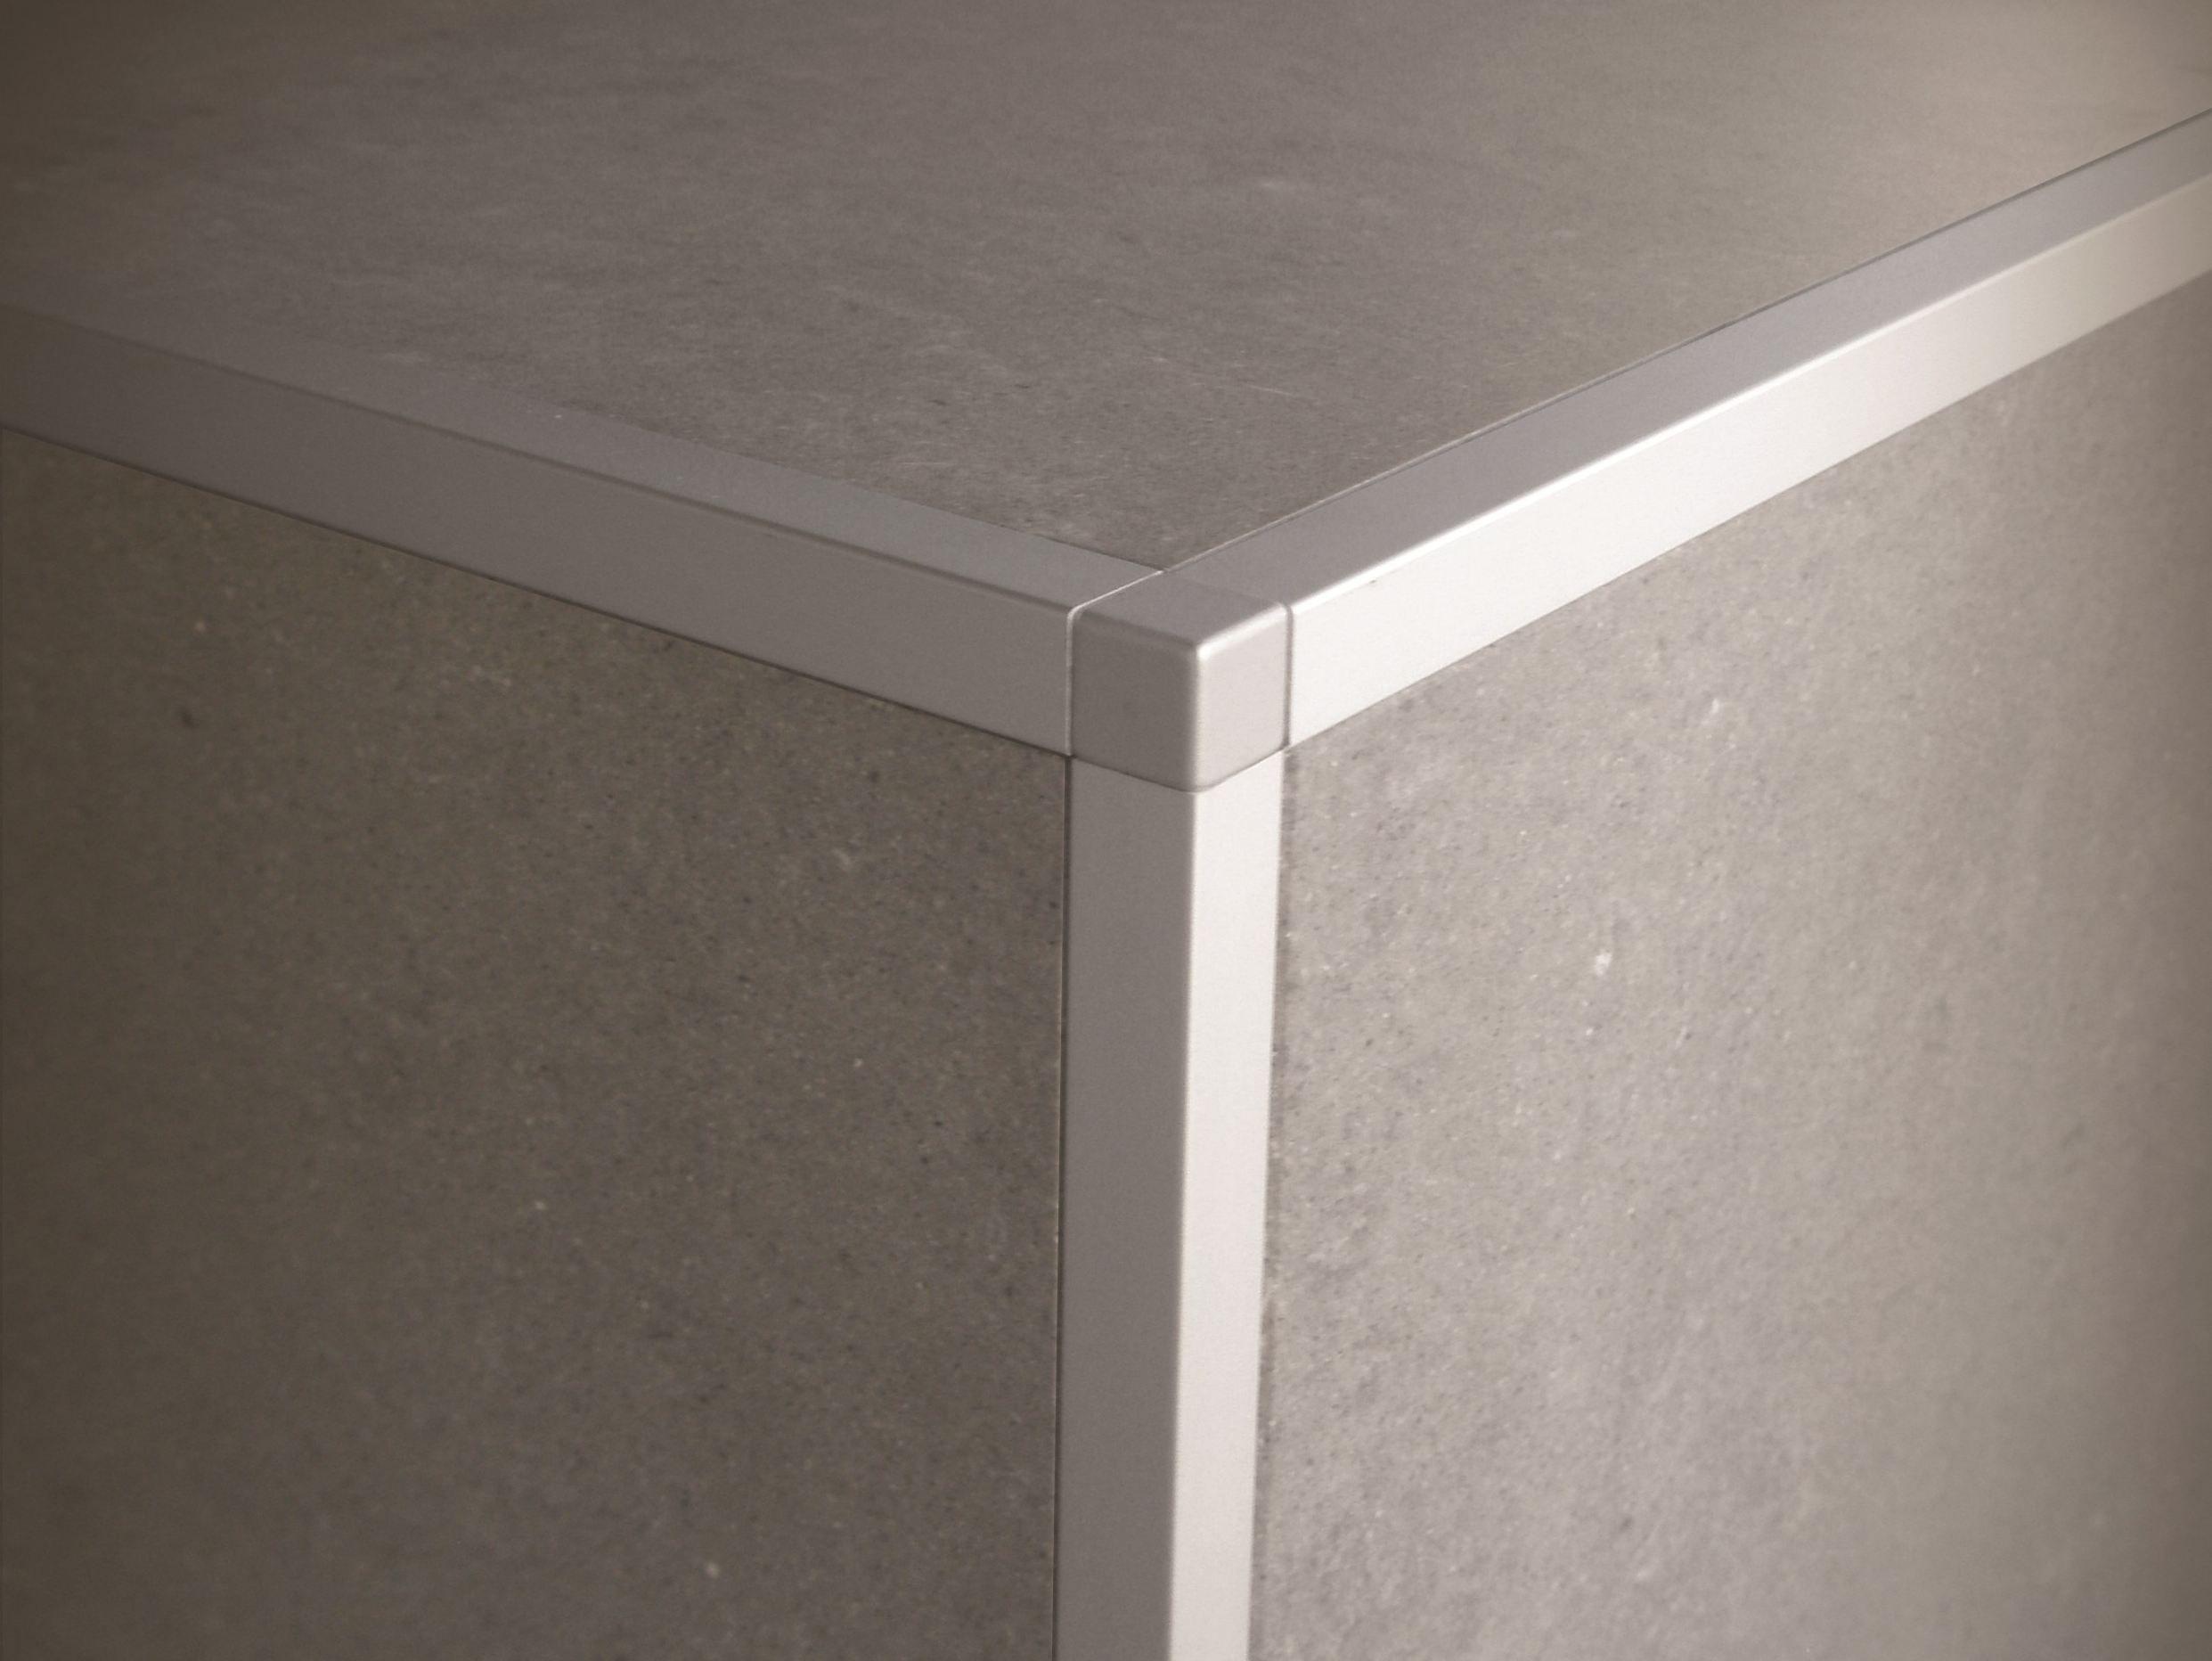 Profili per rivestimenti in ceramica squarejolly sj by - Profili jolly per piastrelle ...